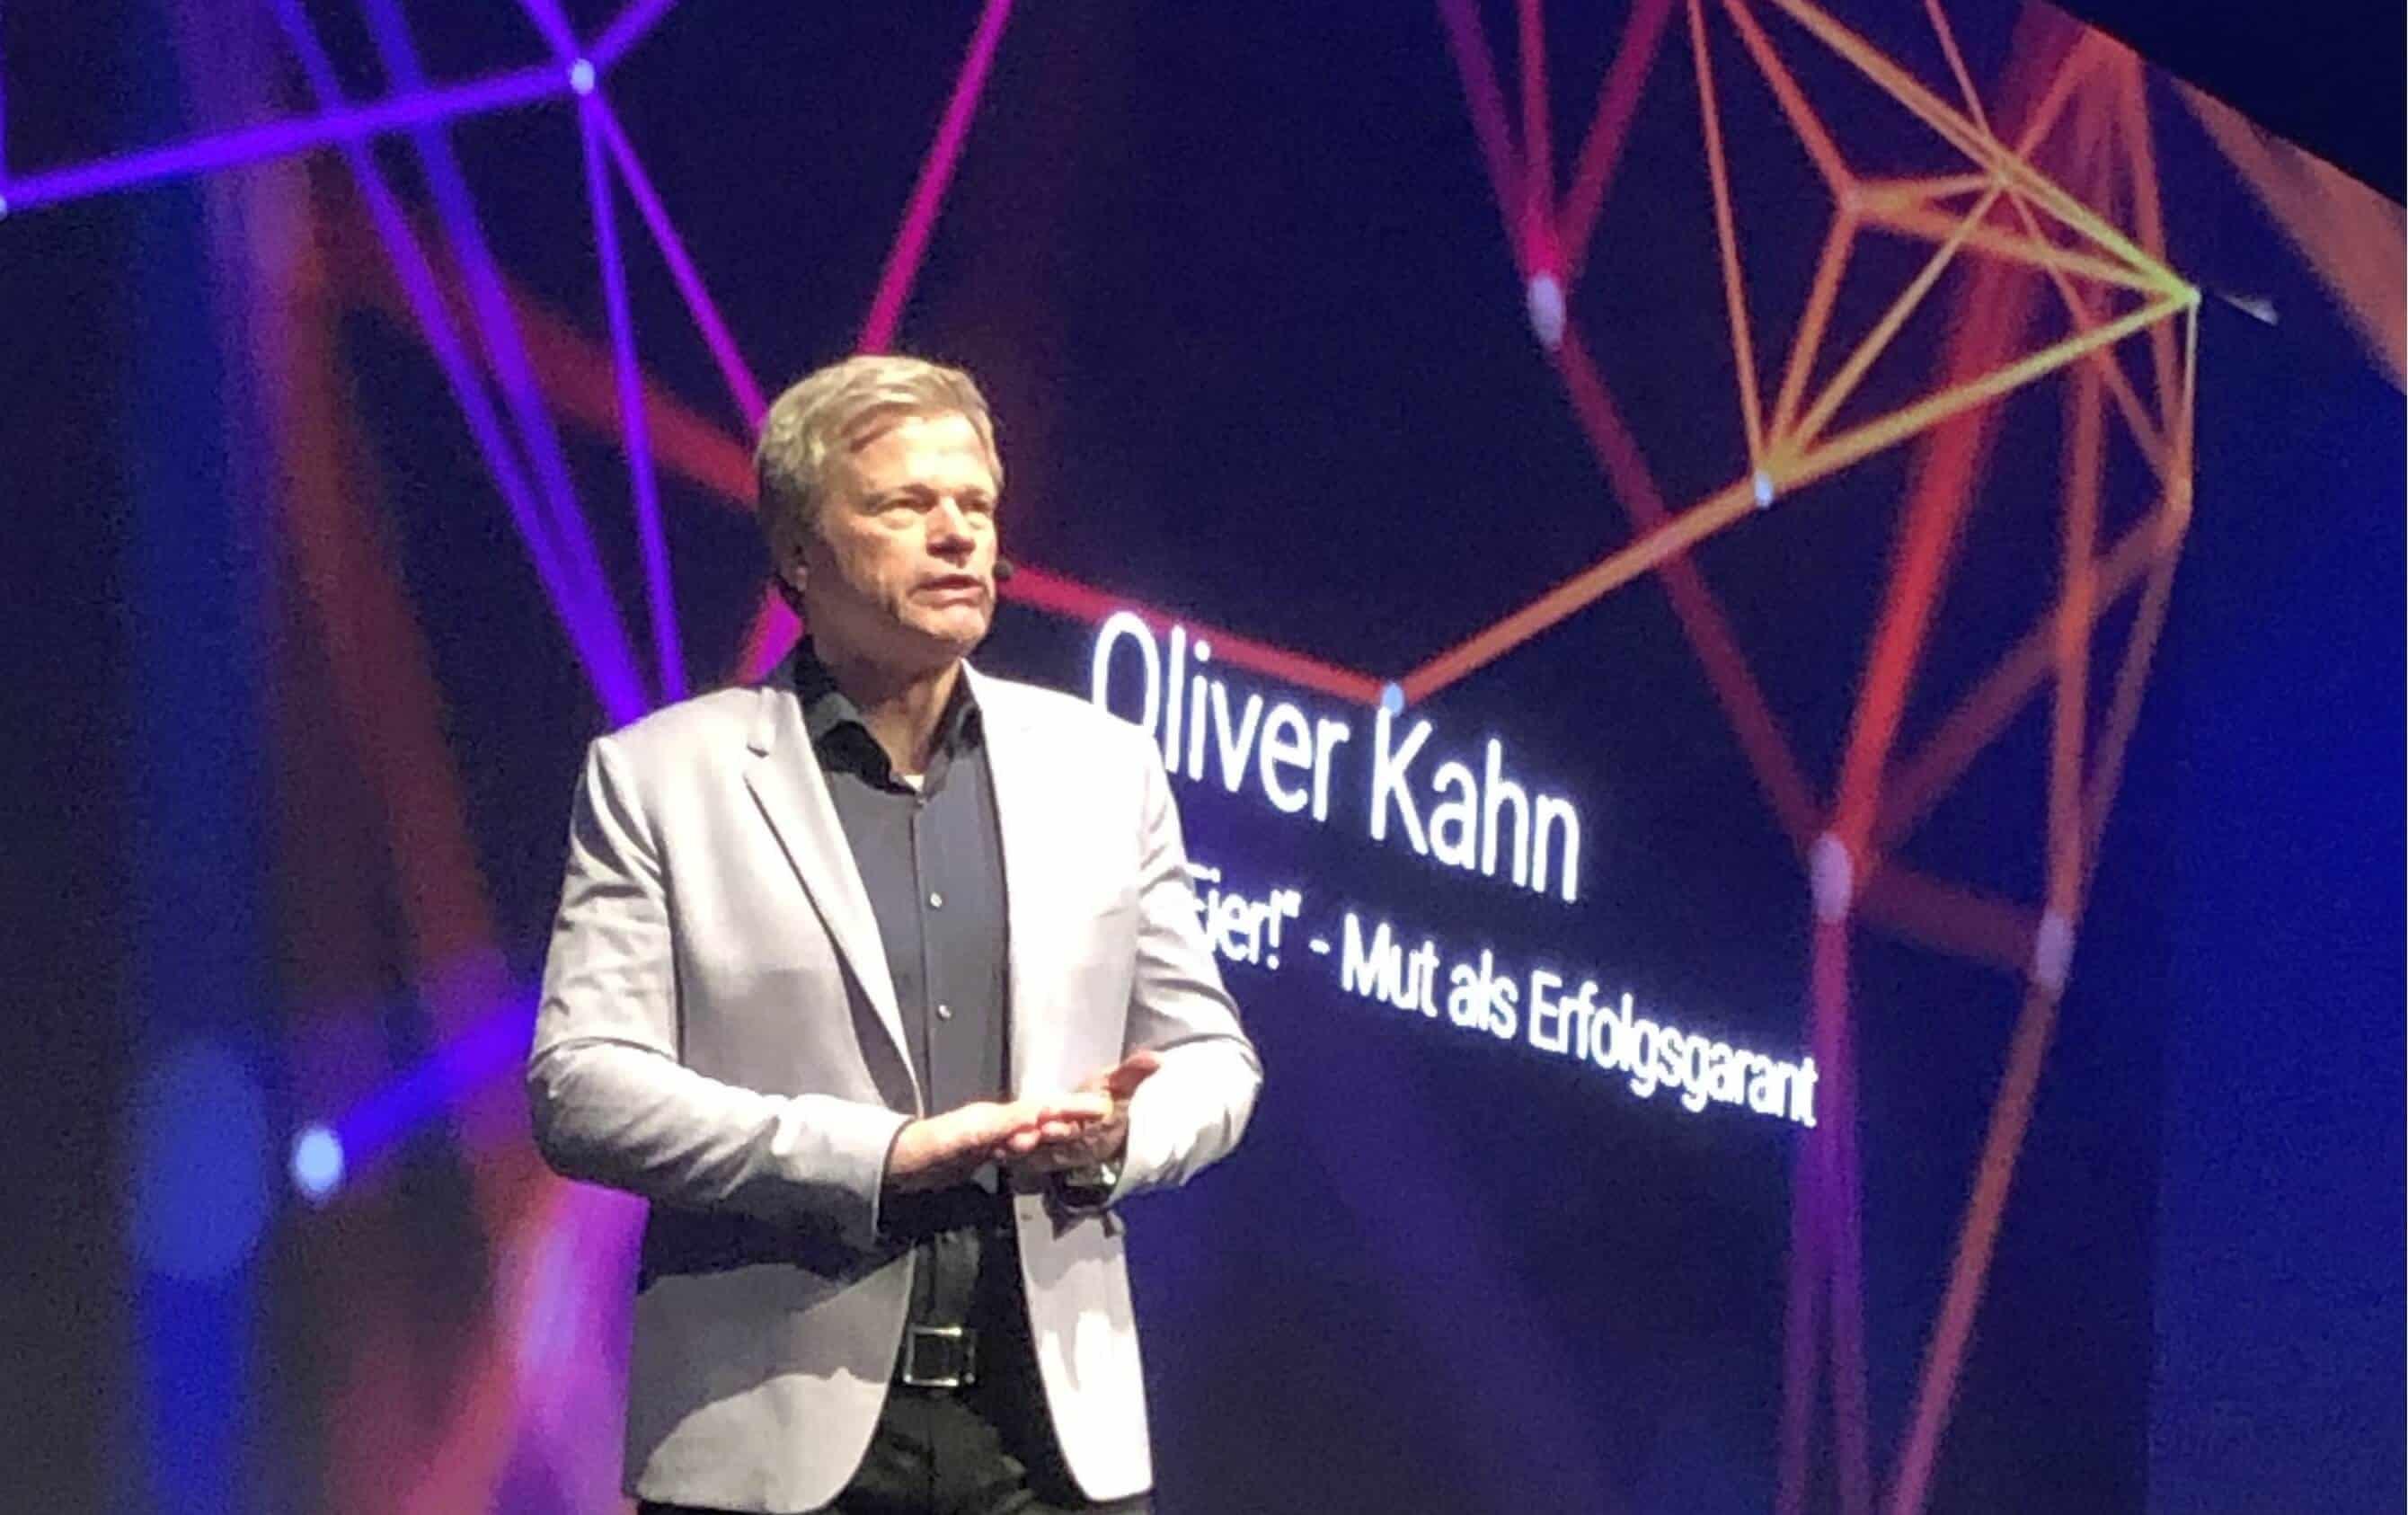 Oliver Kahn Wir brauchen Eier! Mut als Erfolgsgarant